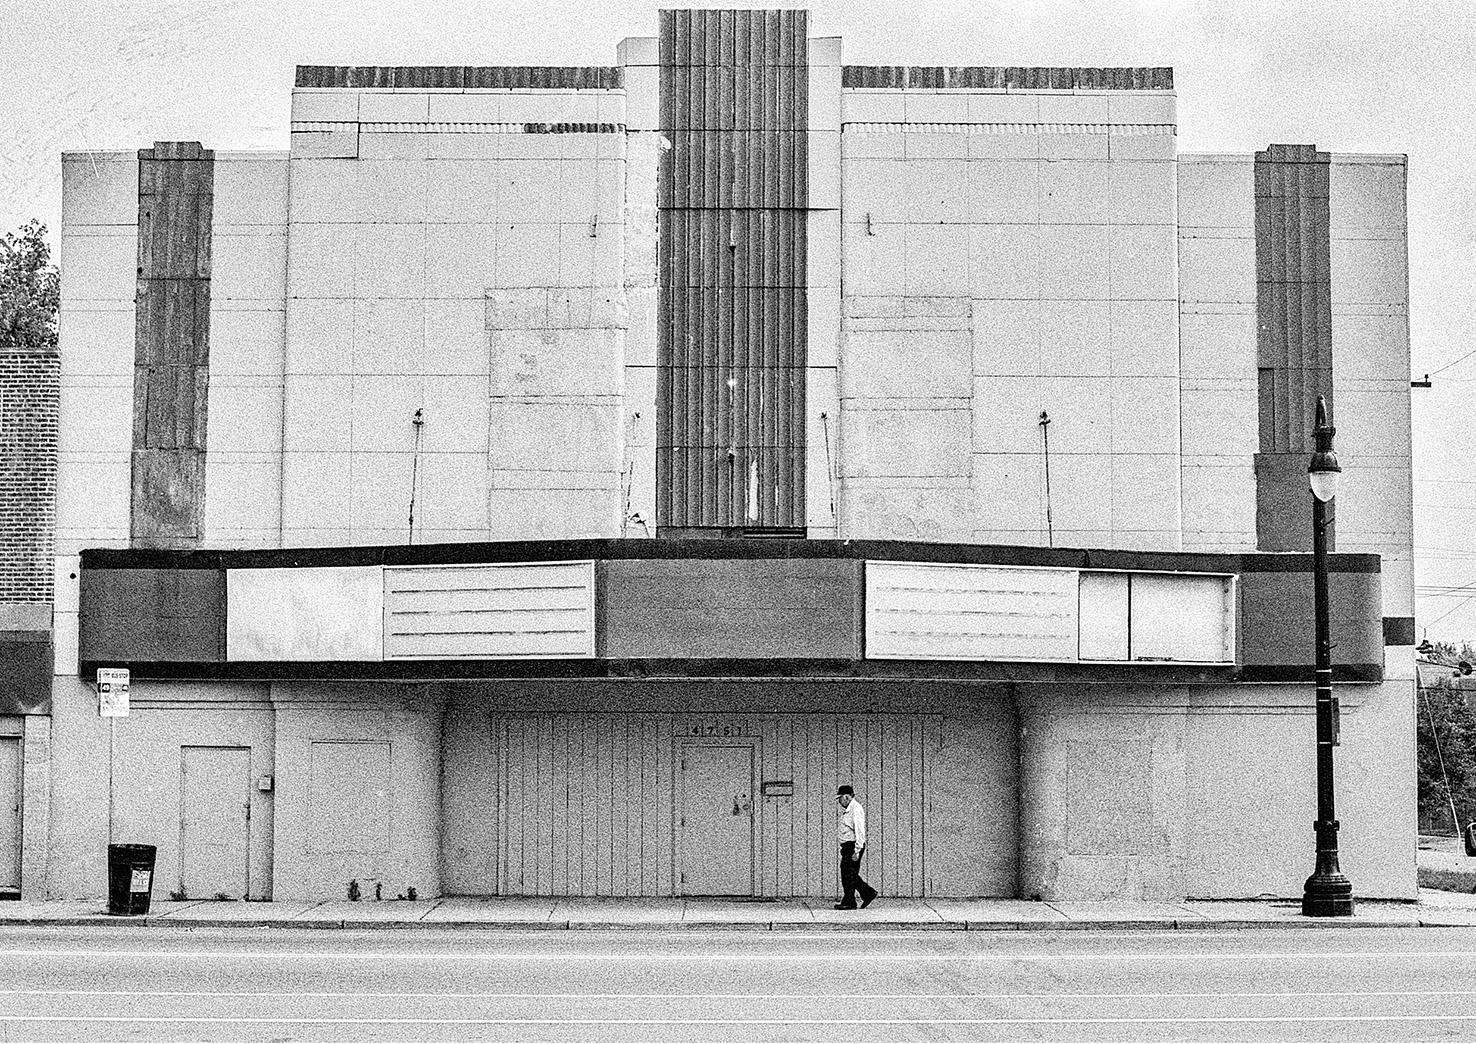 facades4.jpg